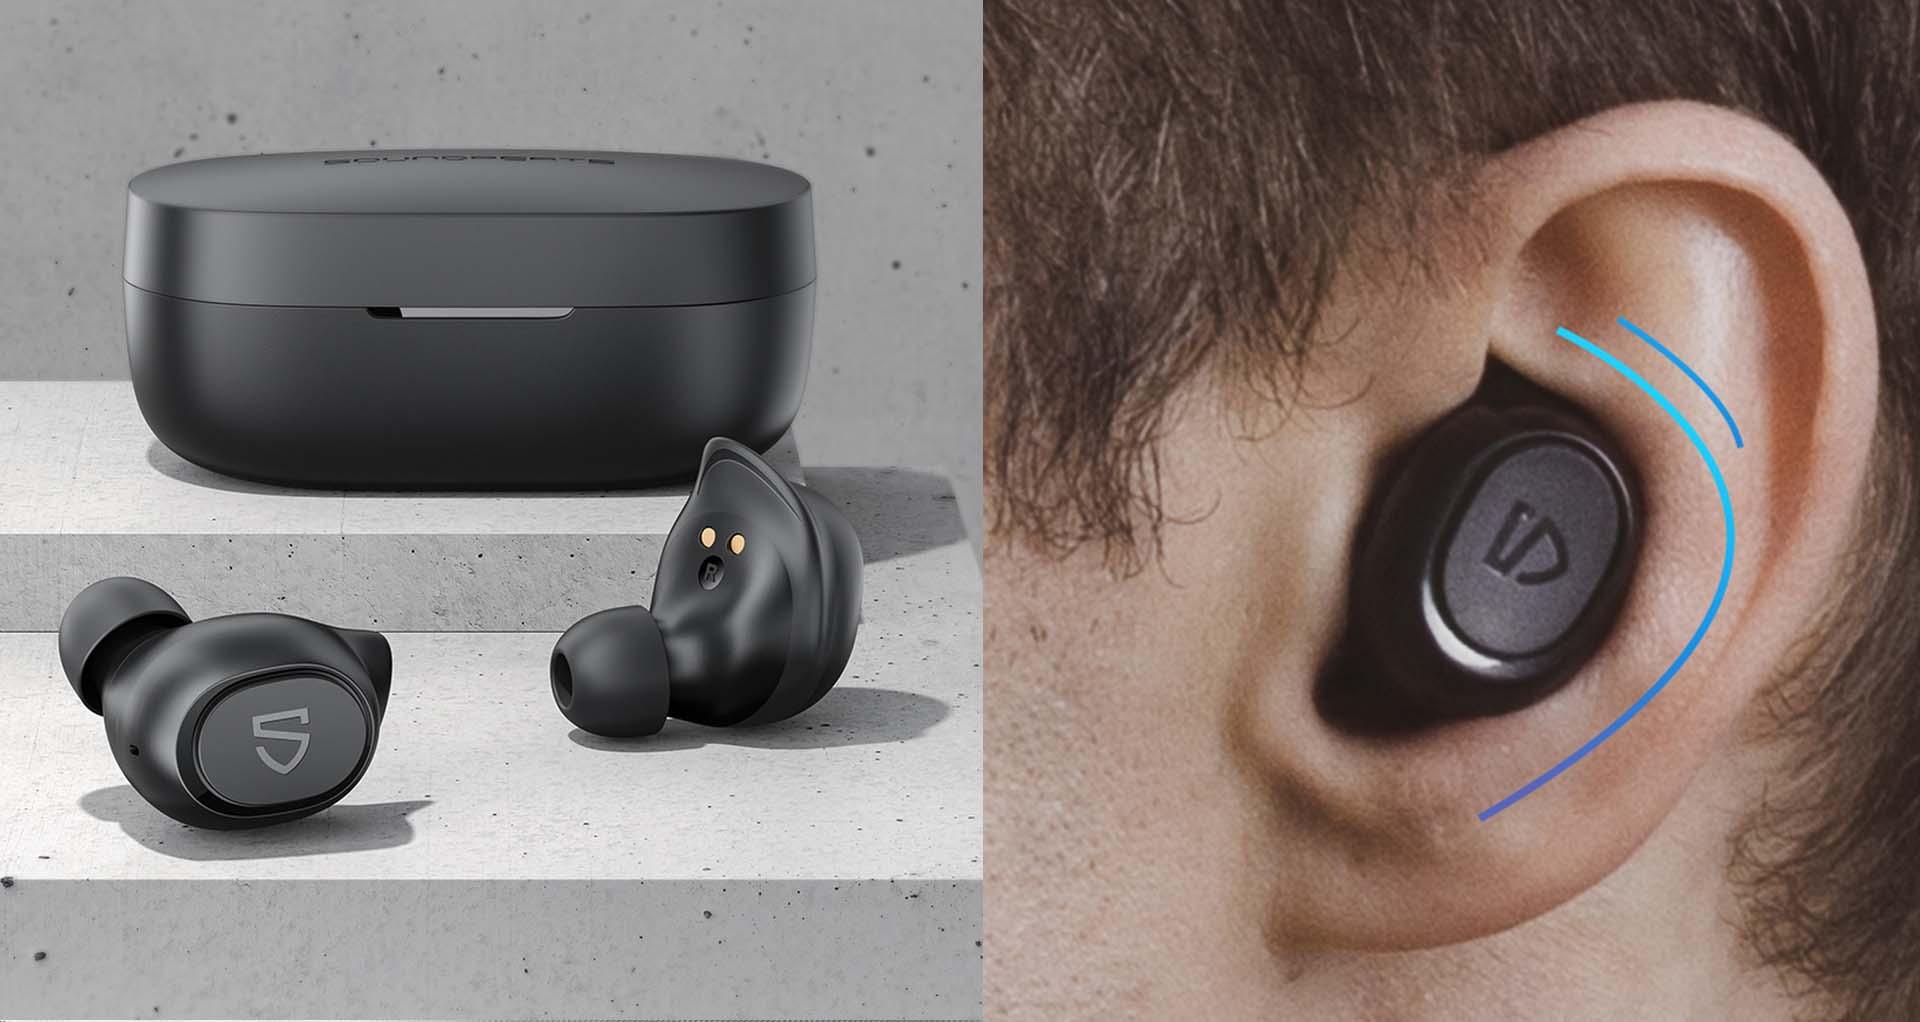 Chất liệu tai nghe Truefree 2 an toàn và phù hợp cho mọi loại da